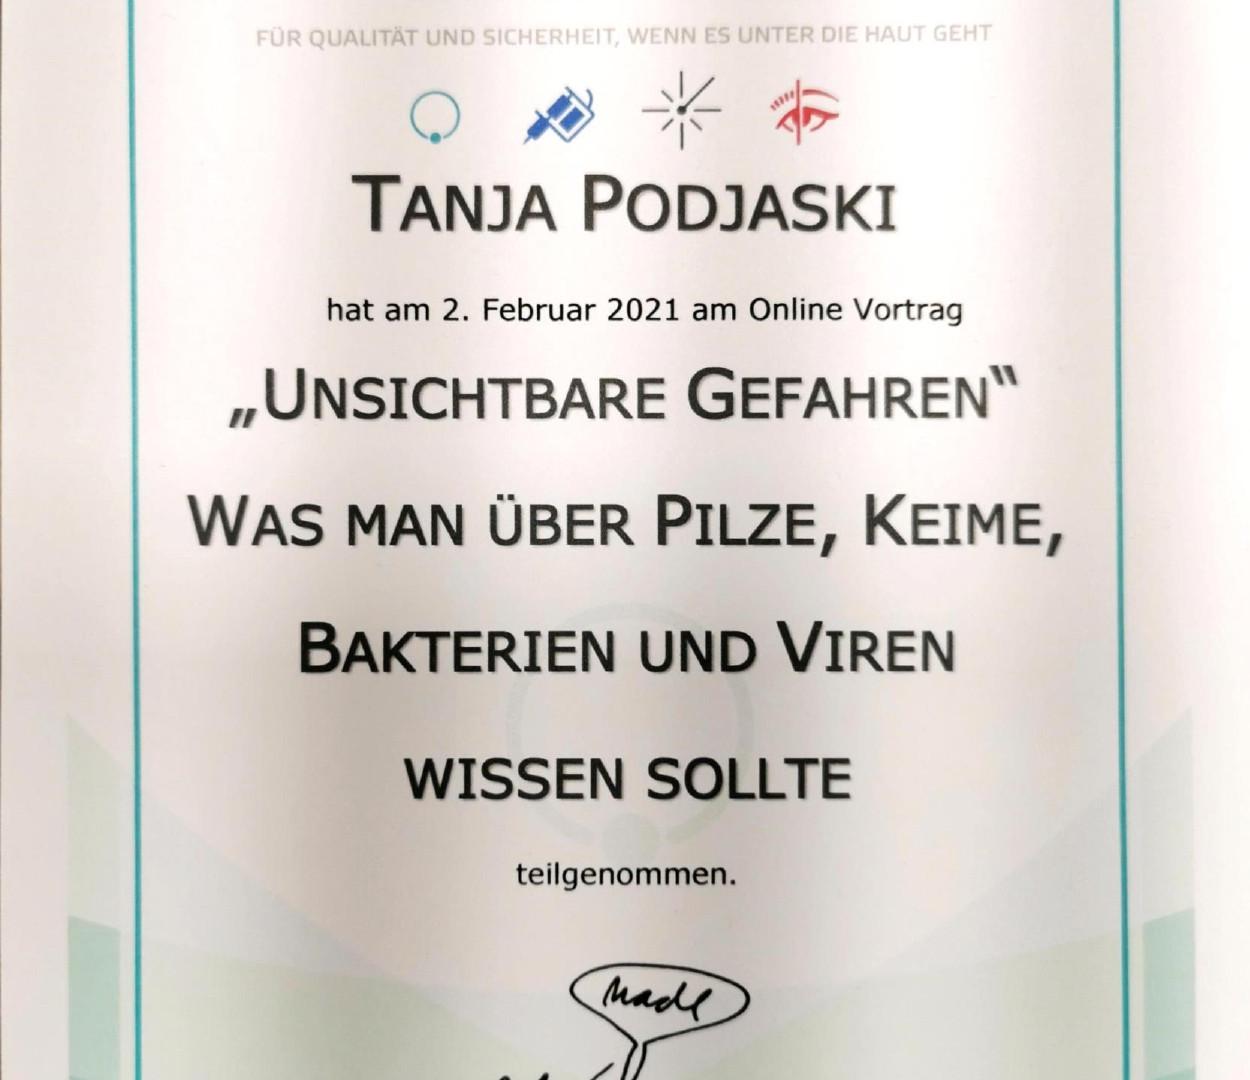 benecke_tanja.jpg